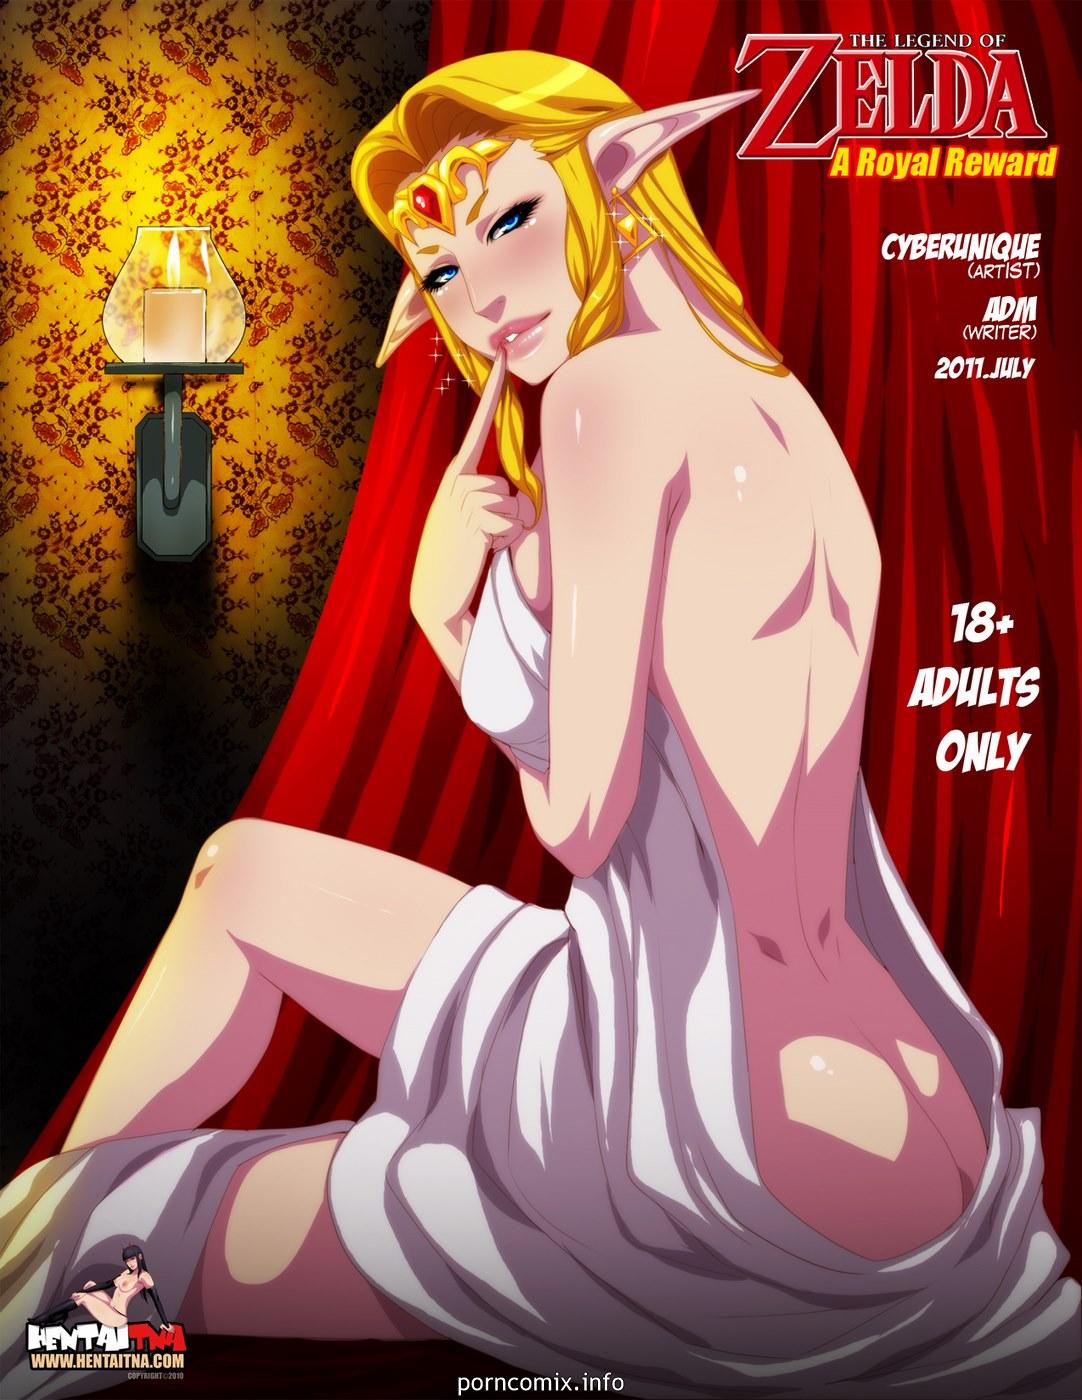 Legend of Zelda- A Royal Reward